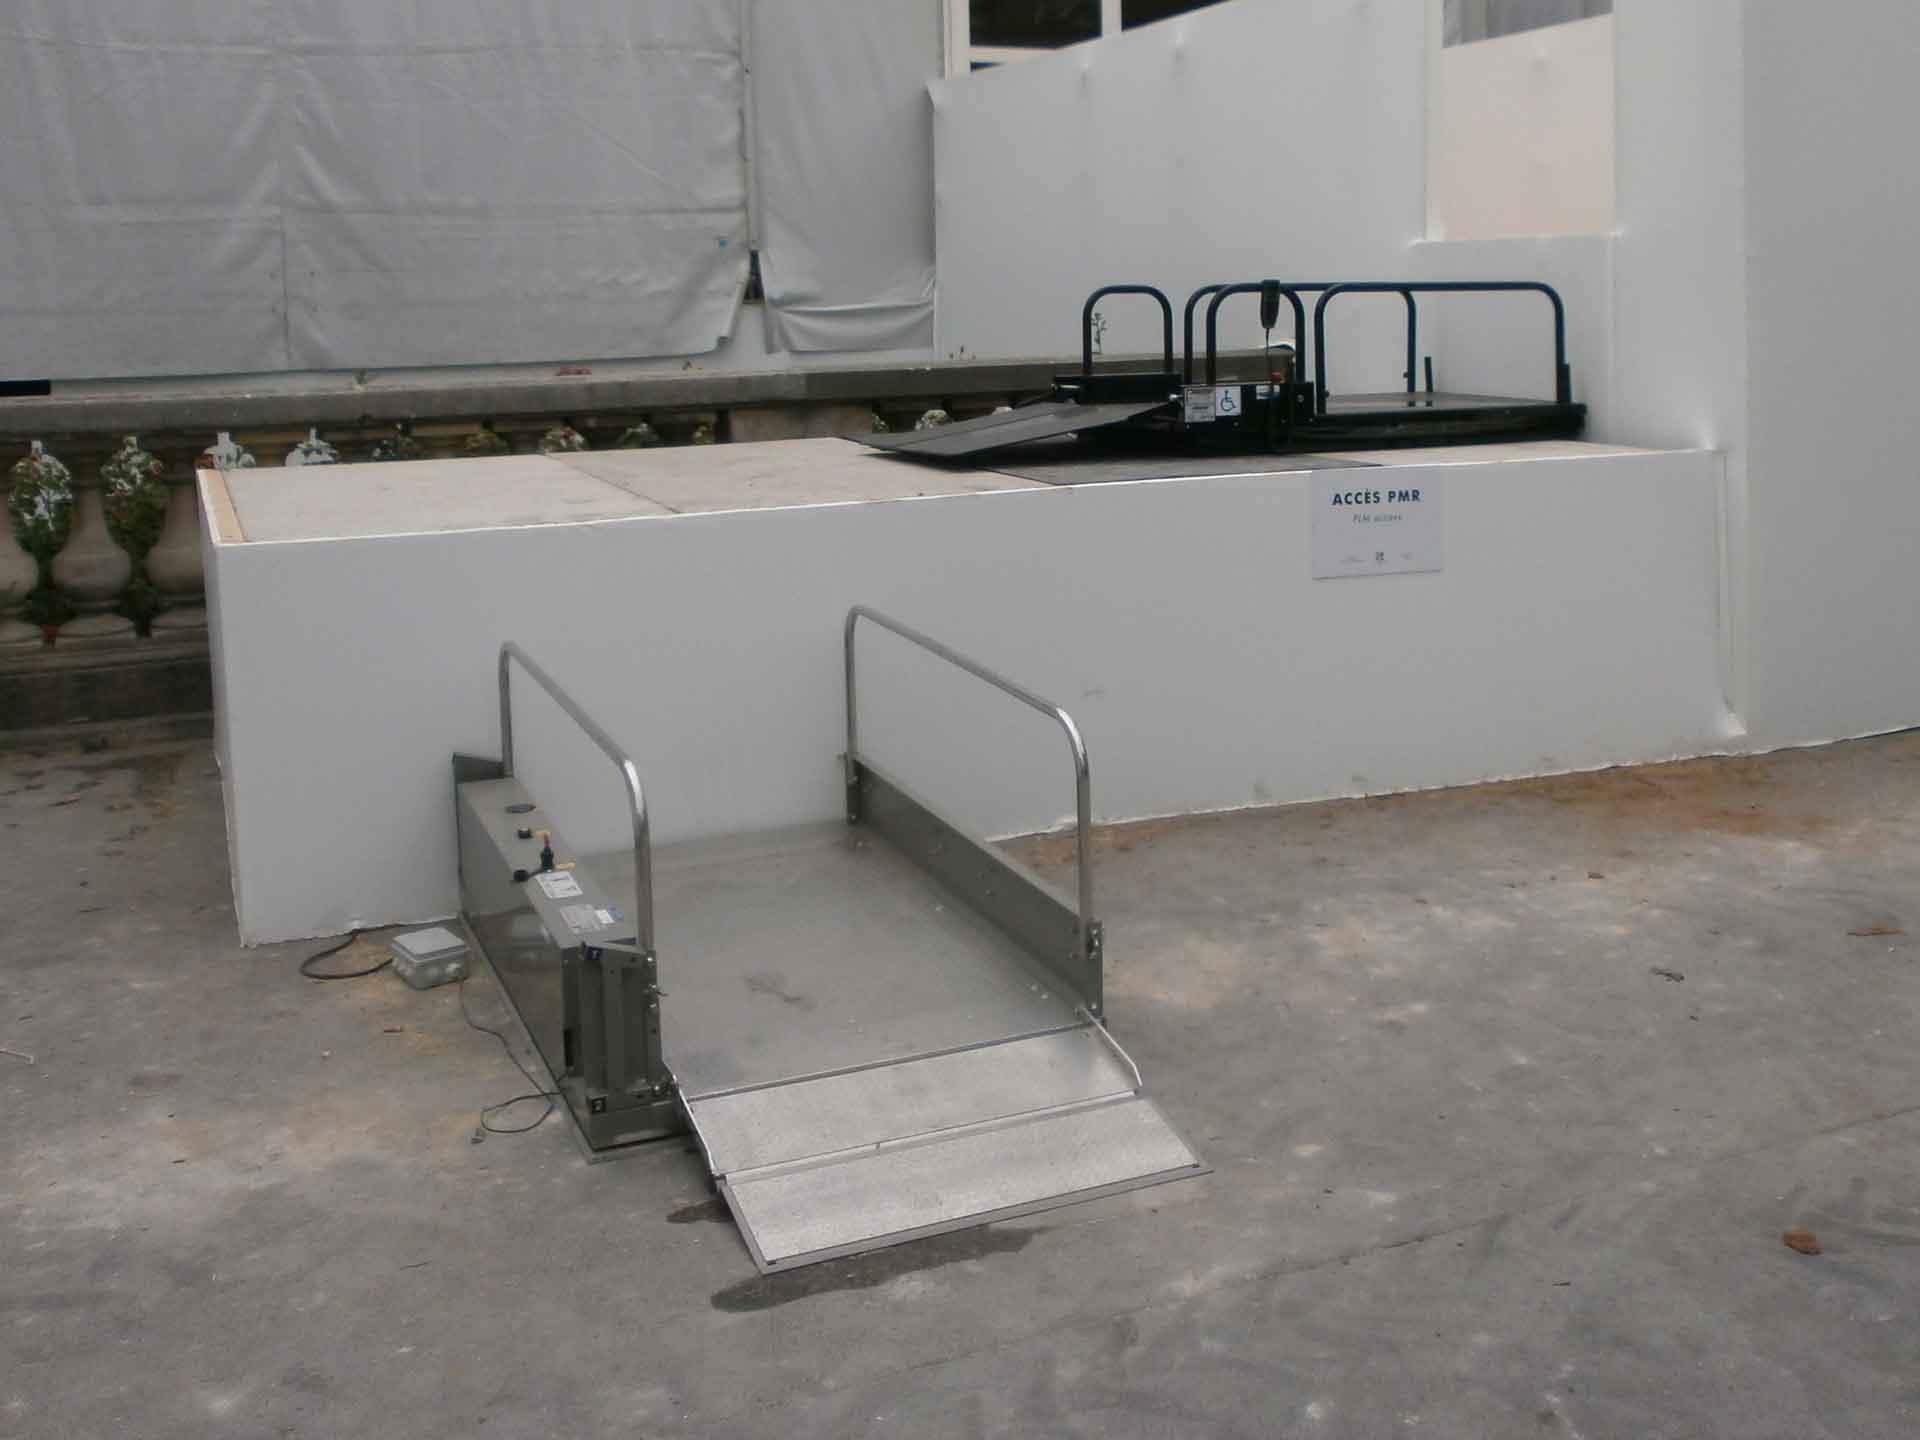 Location plateforme élévatrice électrique Hélios, idéal pour les accès des pmr et des handicapés pour vos évènements